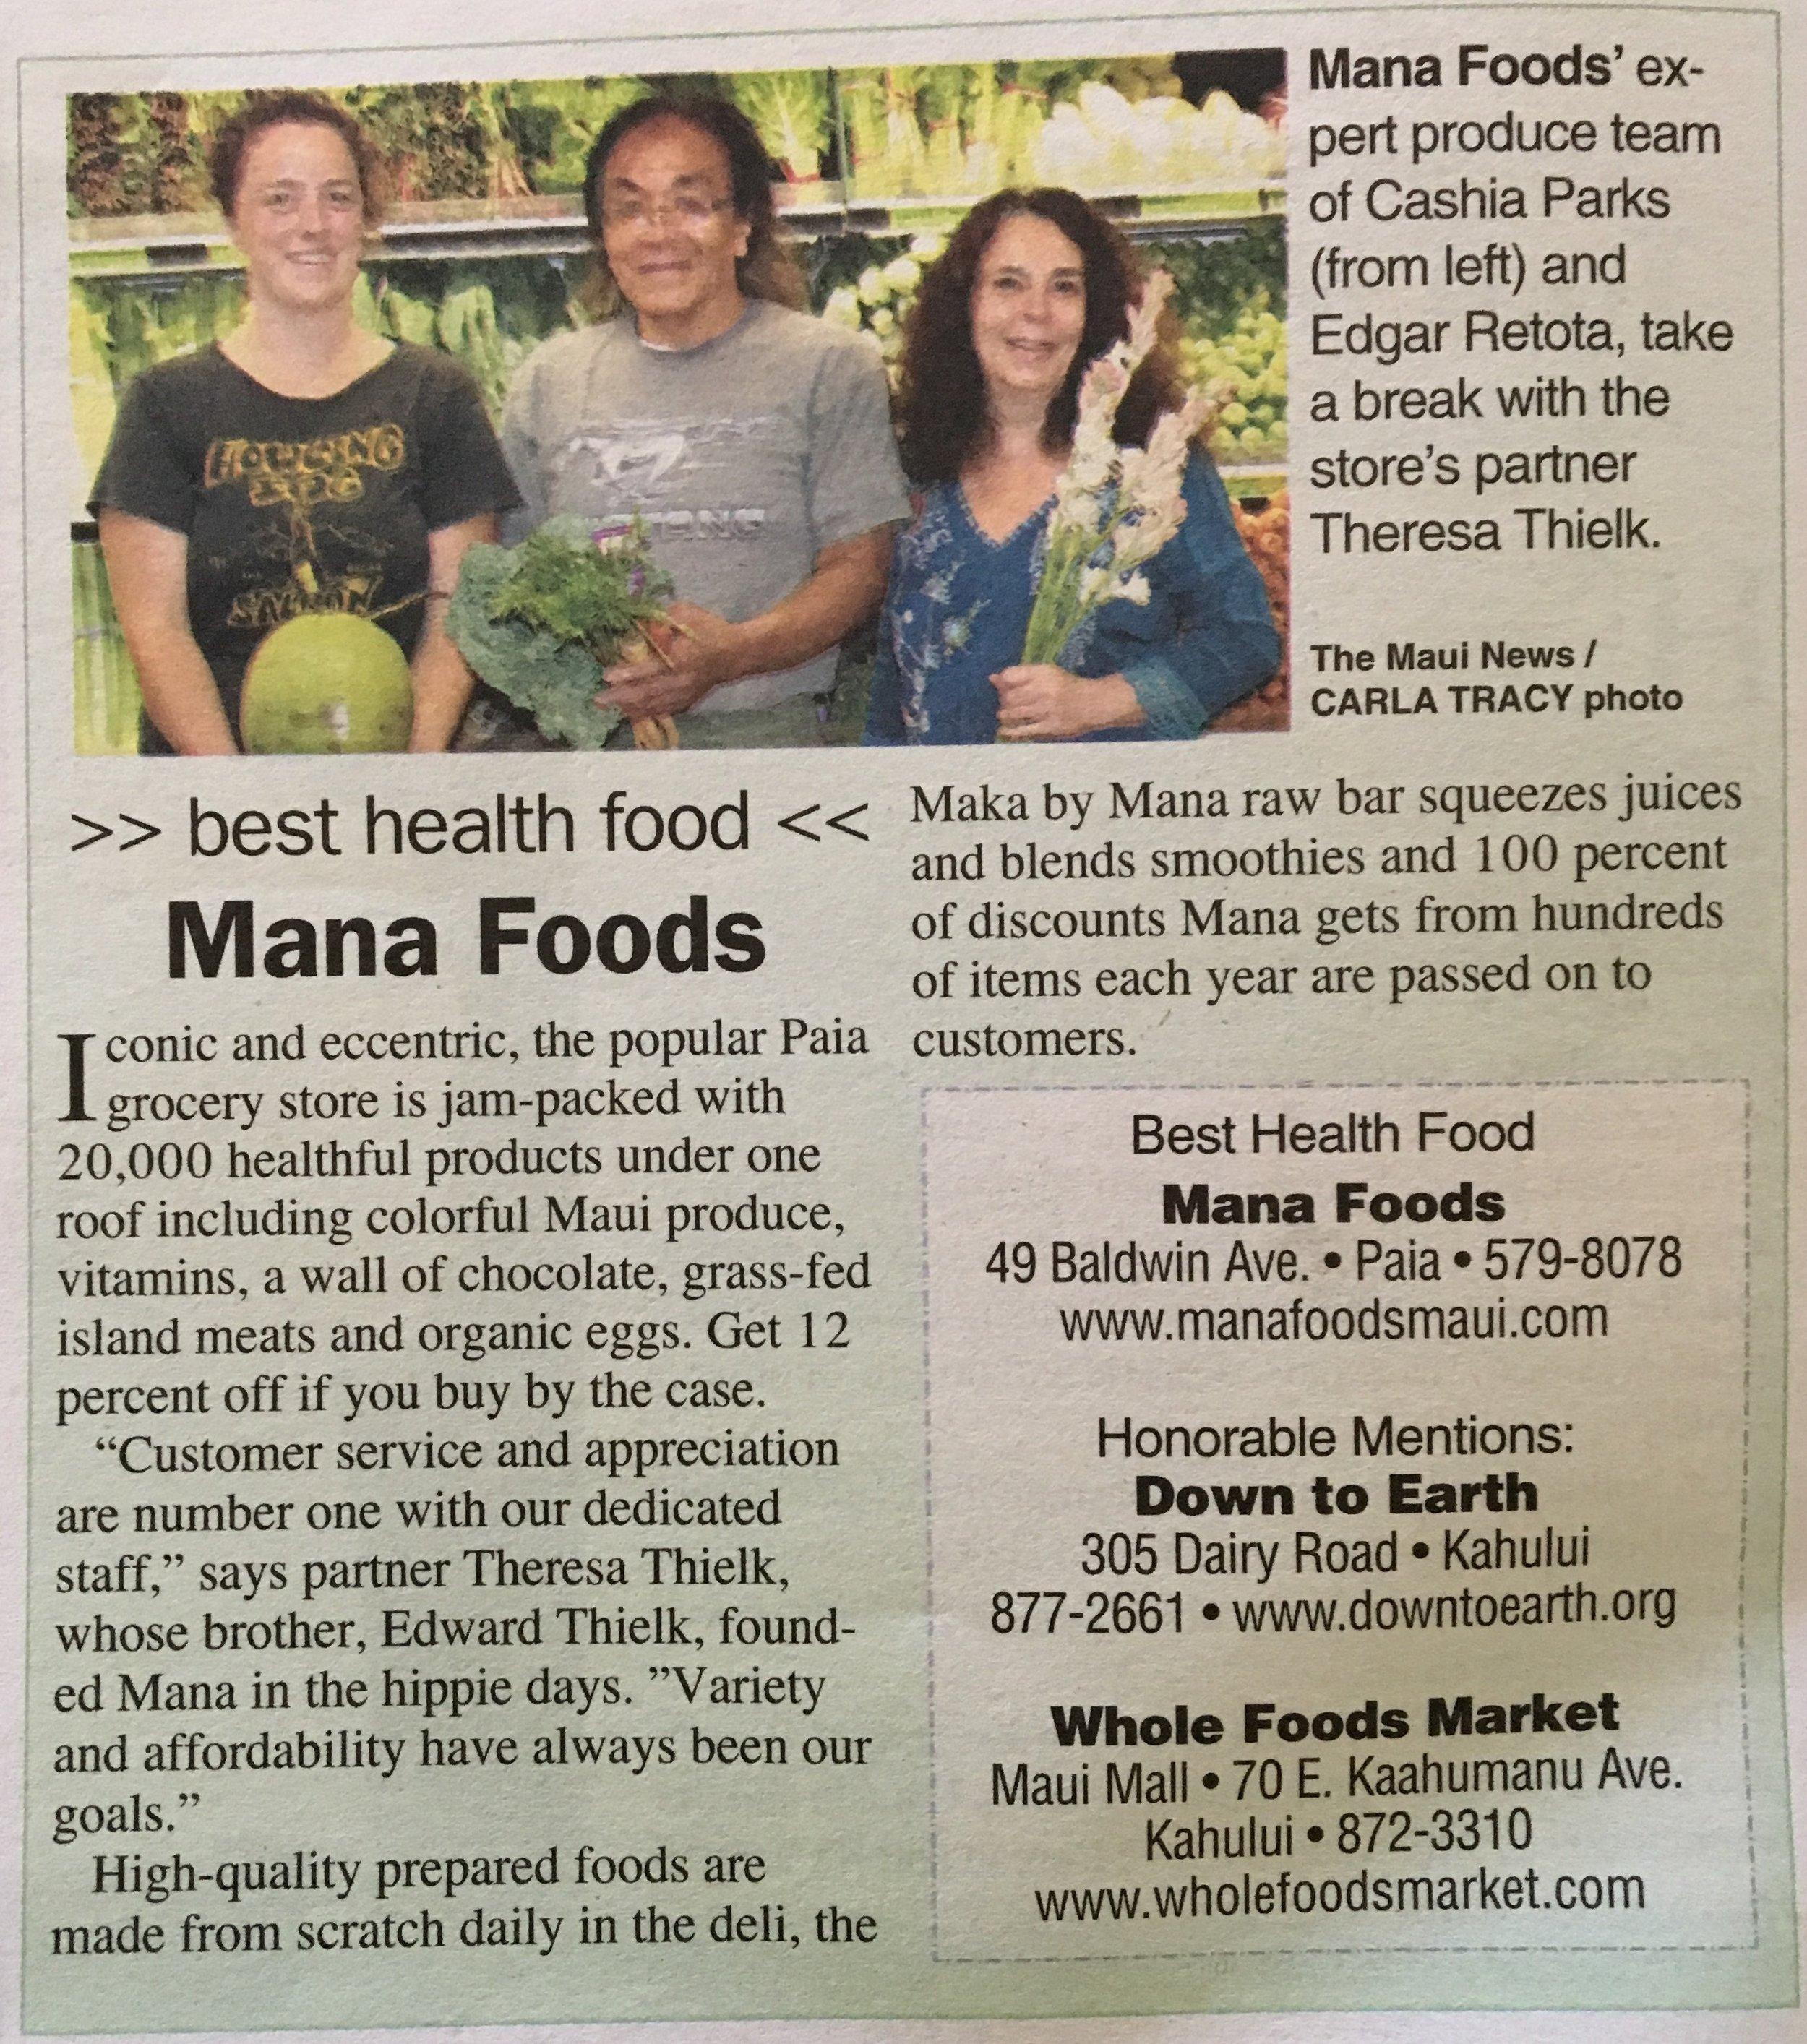 mana_foods_best_health_food_maui_2017.jpeg